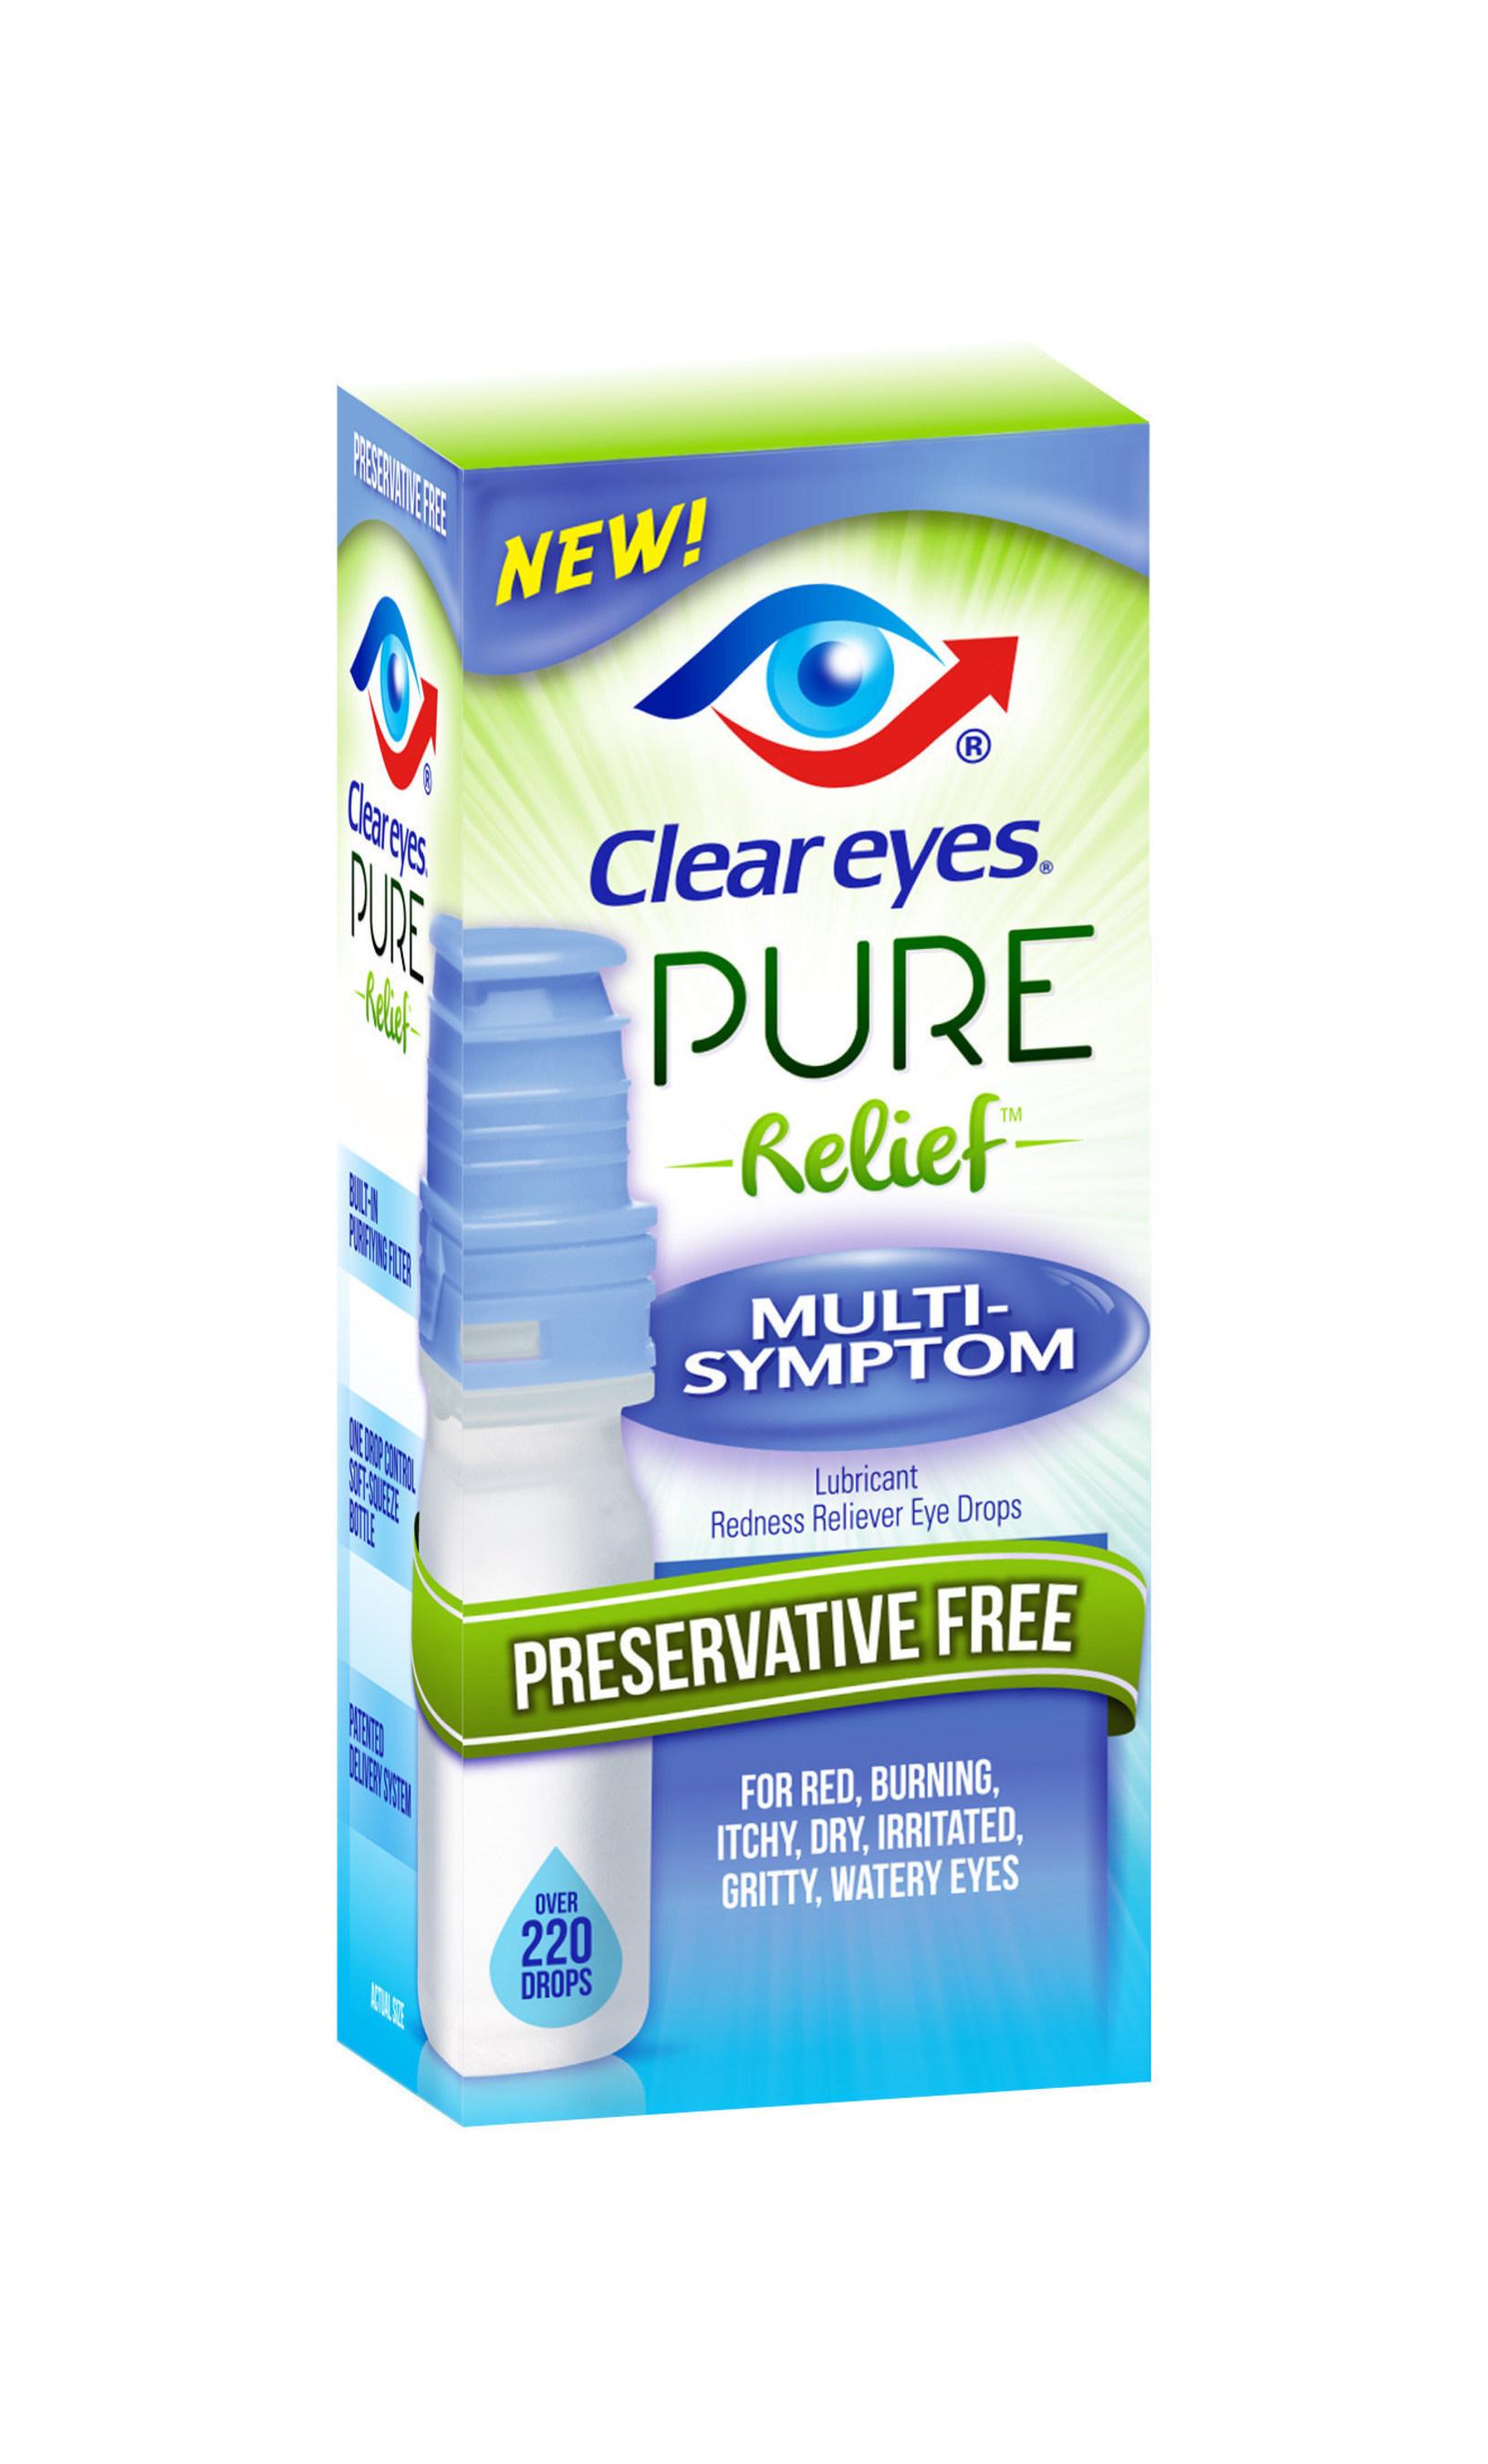 Clear Eyes(R) Pure Relief(TM) Multi-Symptom